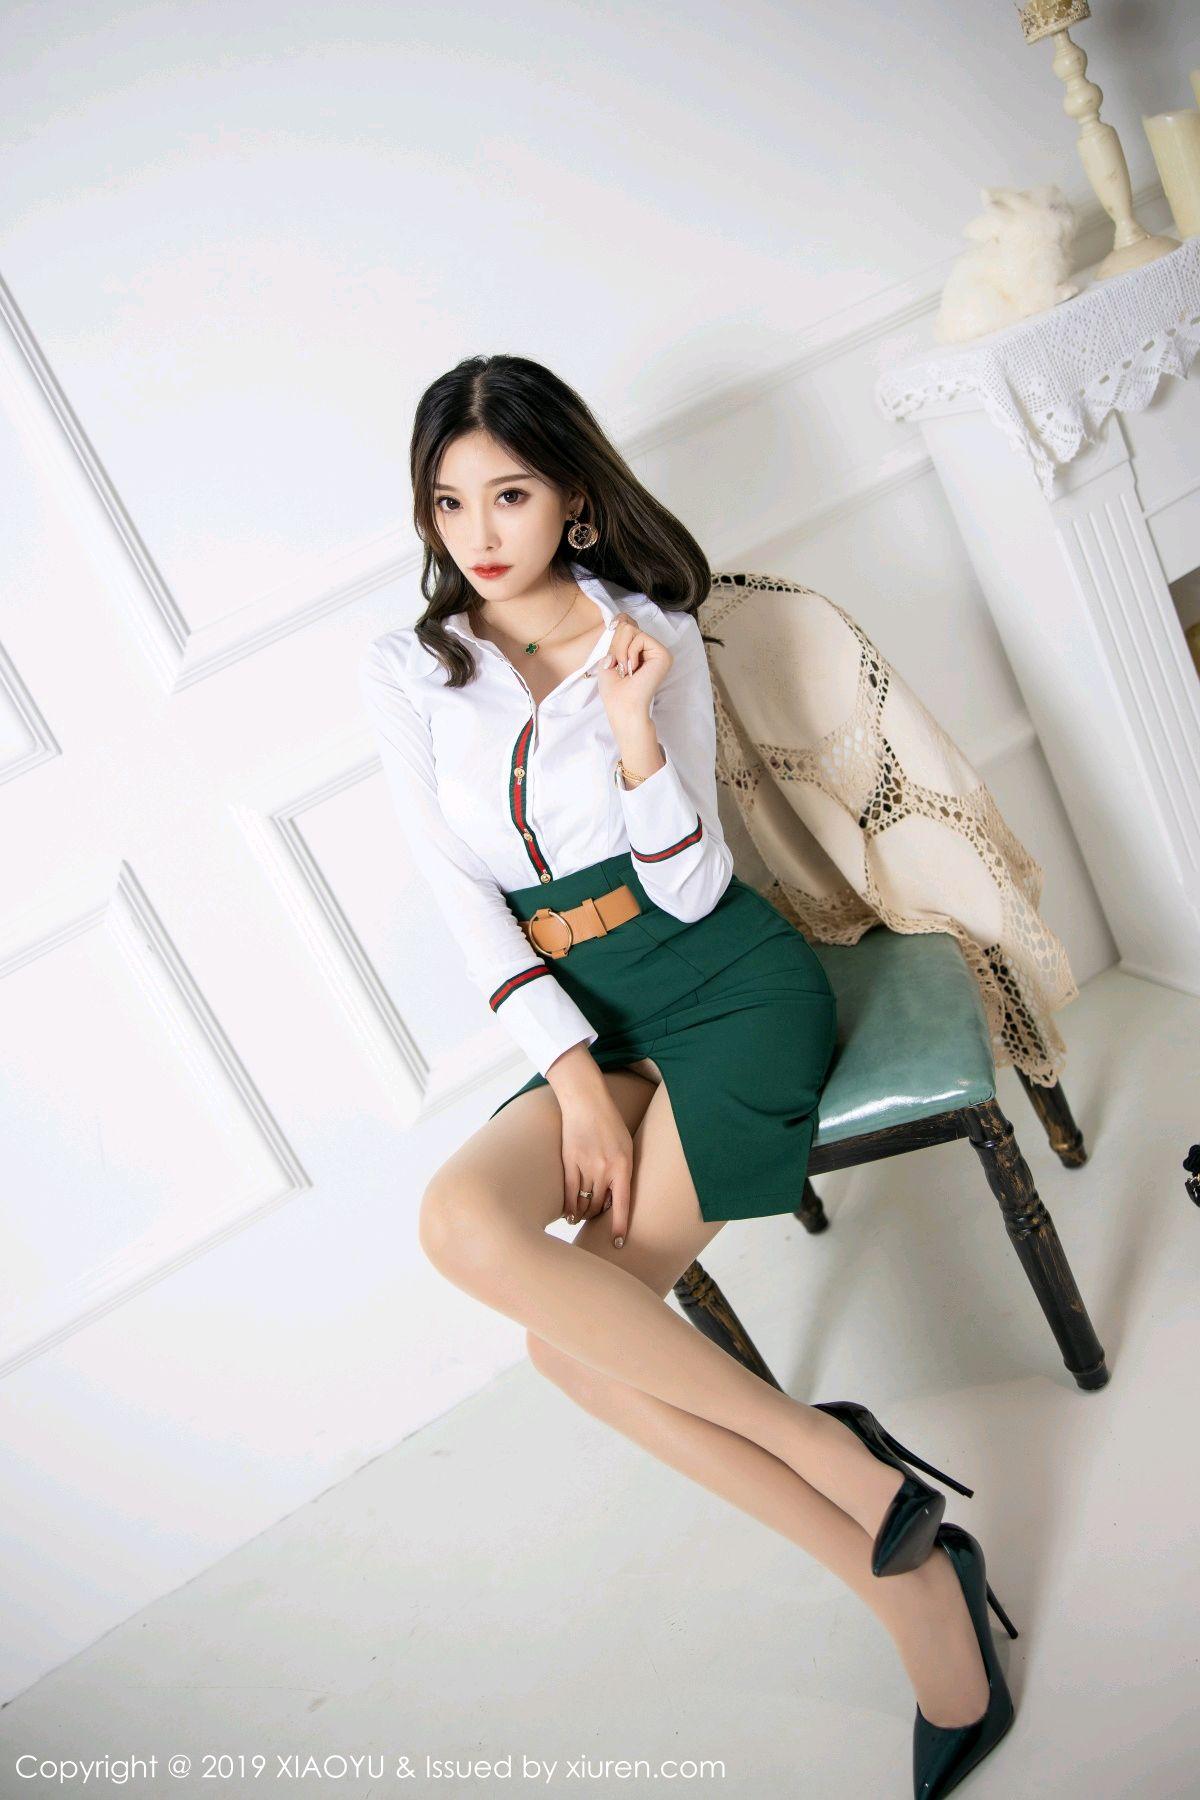 [XiaoYu] Vol.148 Yang Chen Chen 24P, Black Silk, XiaoYu, Yang Chen Chen